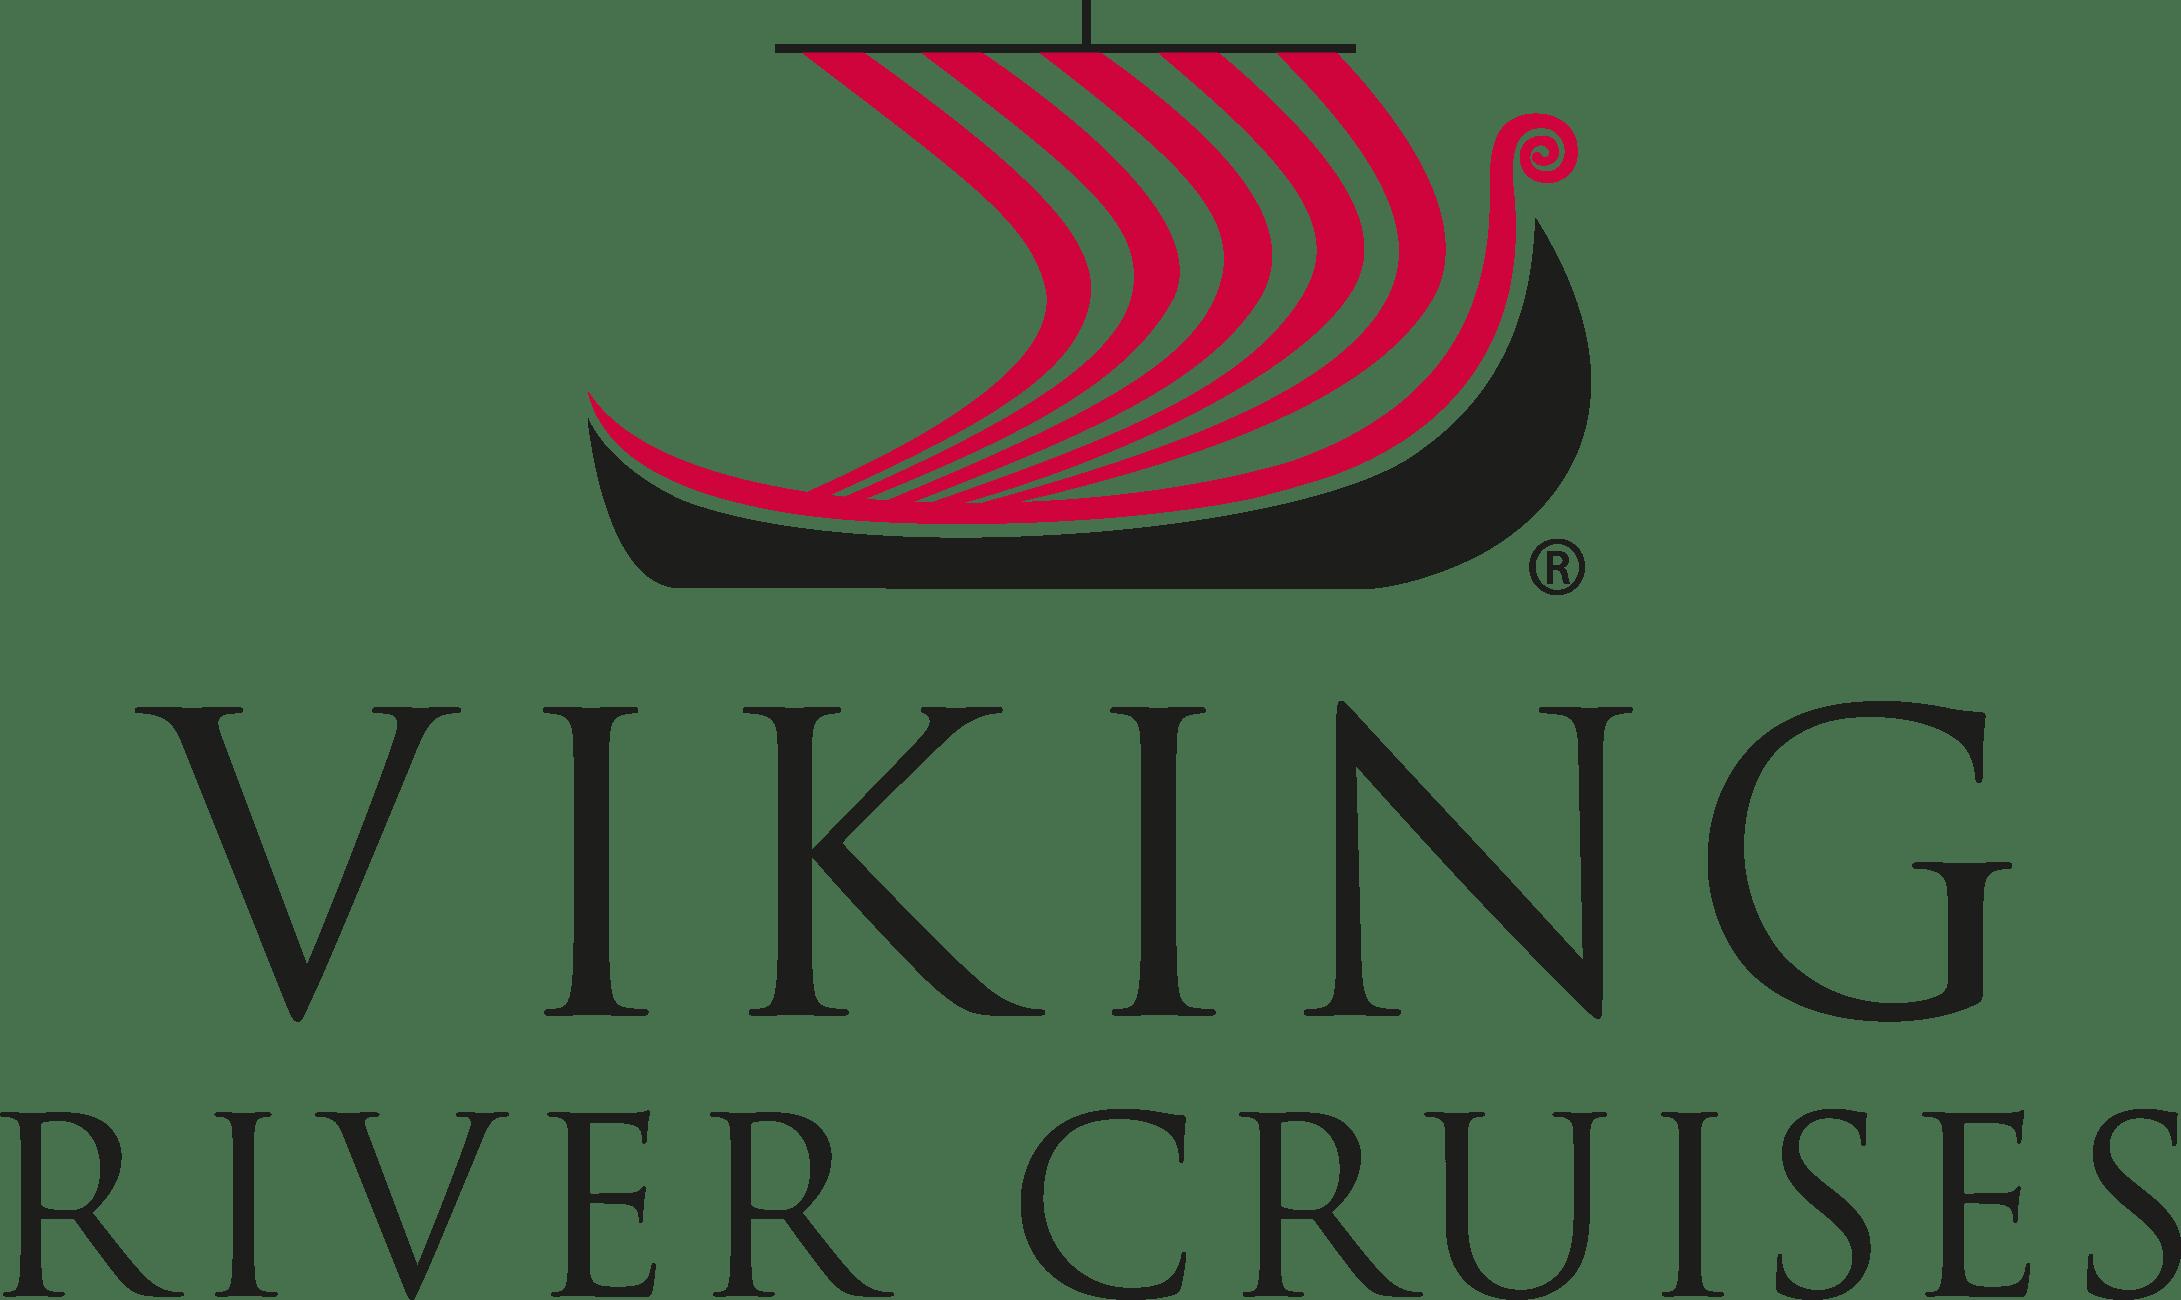 Viking River Cruises Logo png